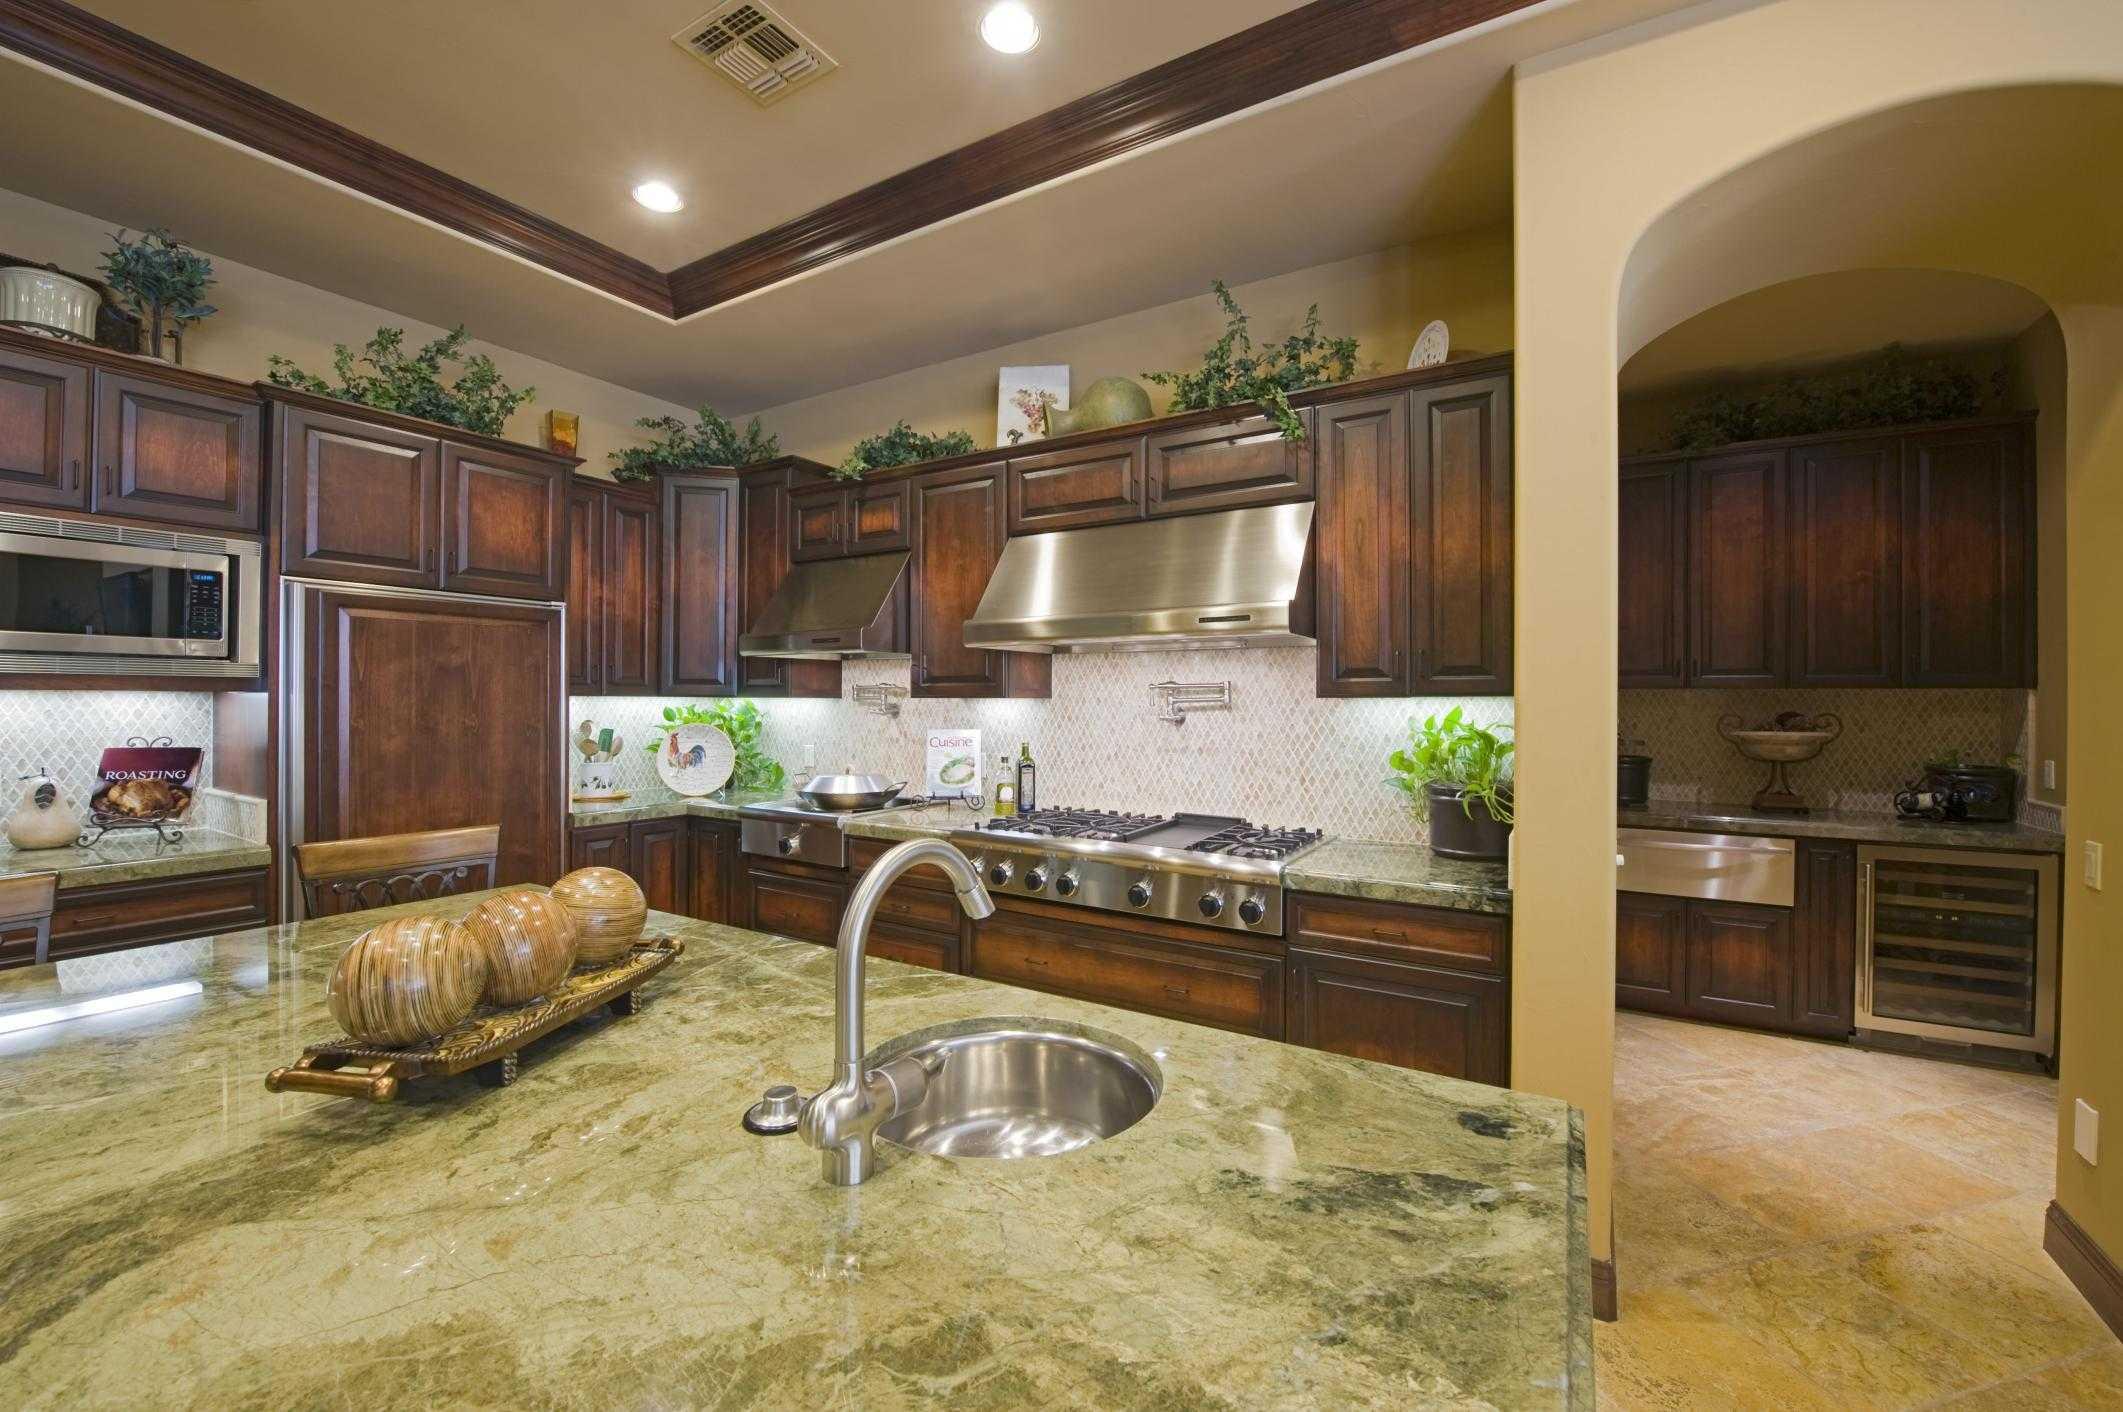 Hamilton Kitchen Renovations - Kitchen Cabinets 2